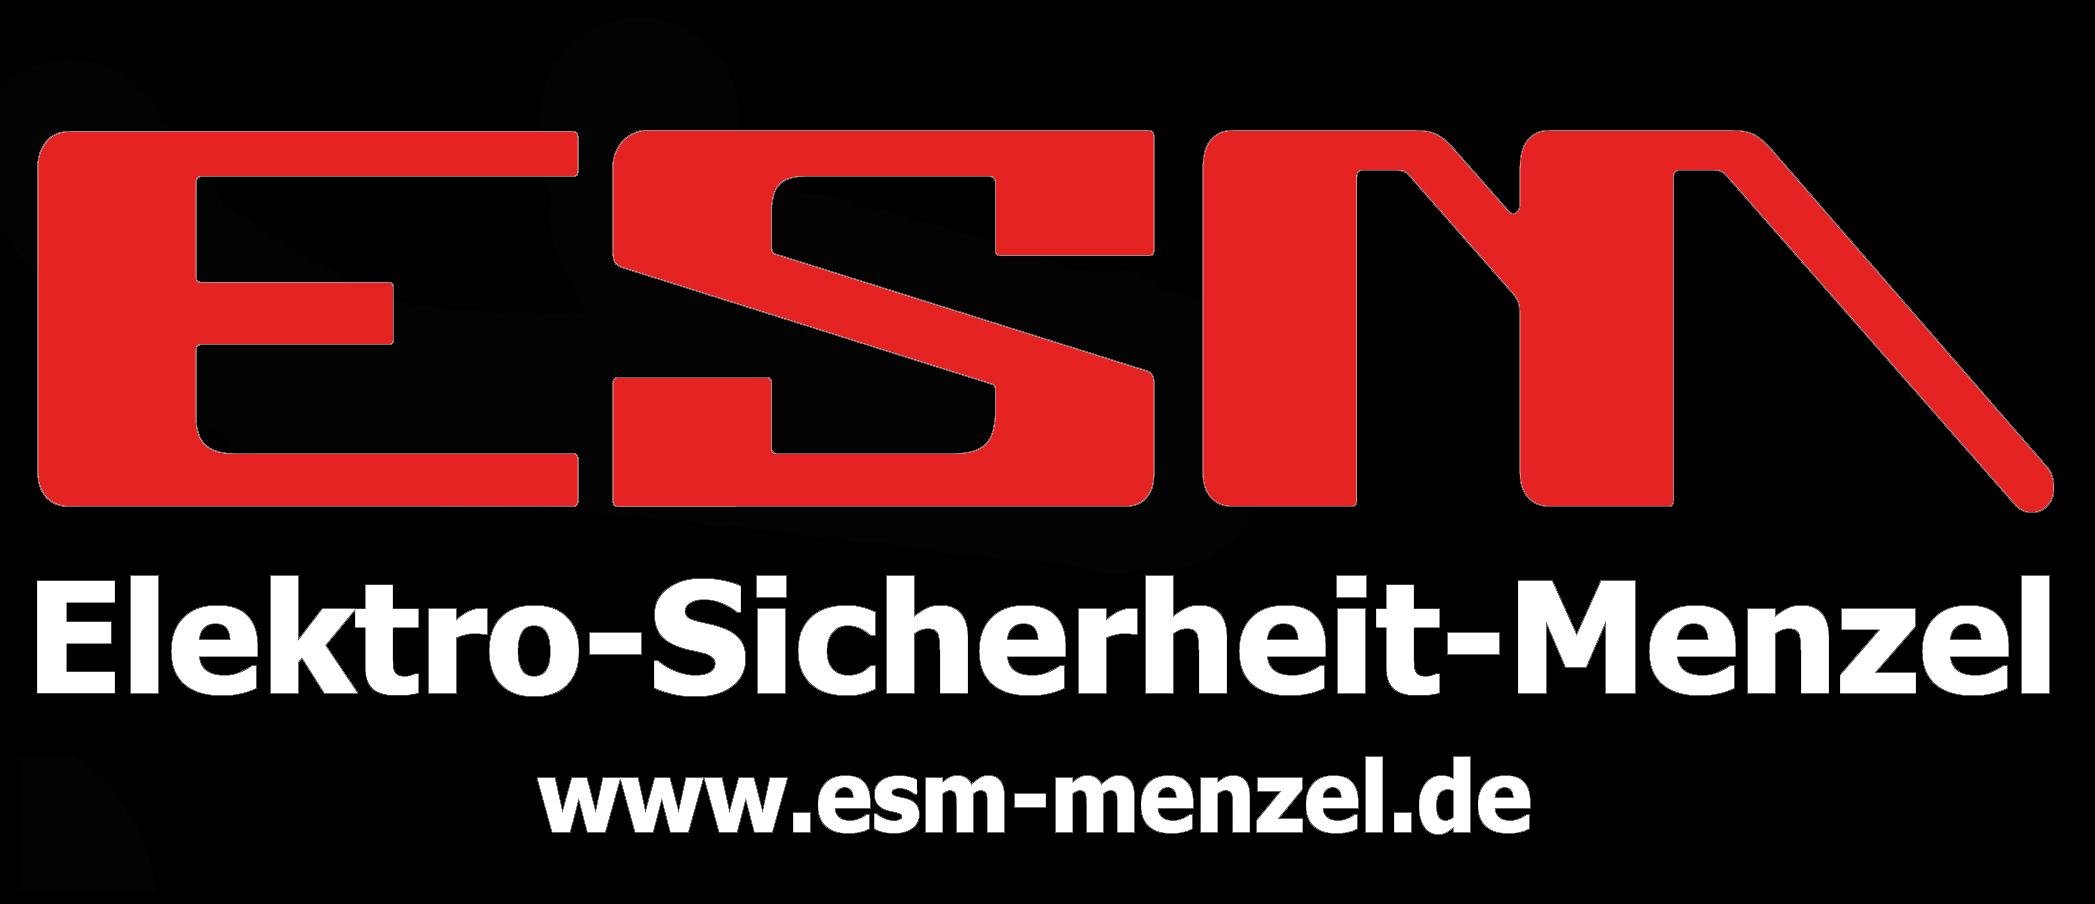 ESM Menzel